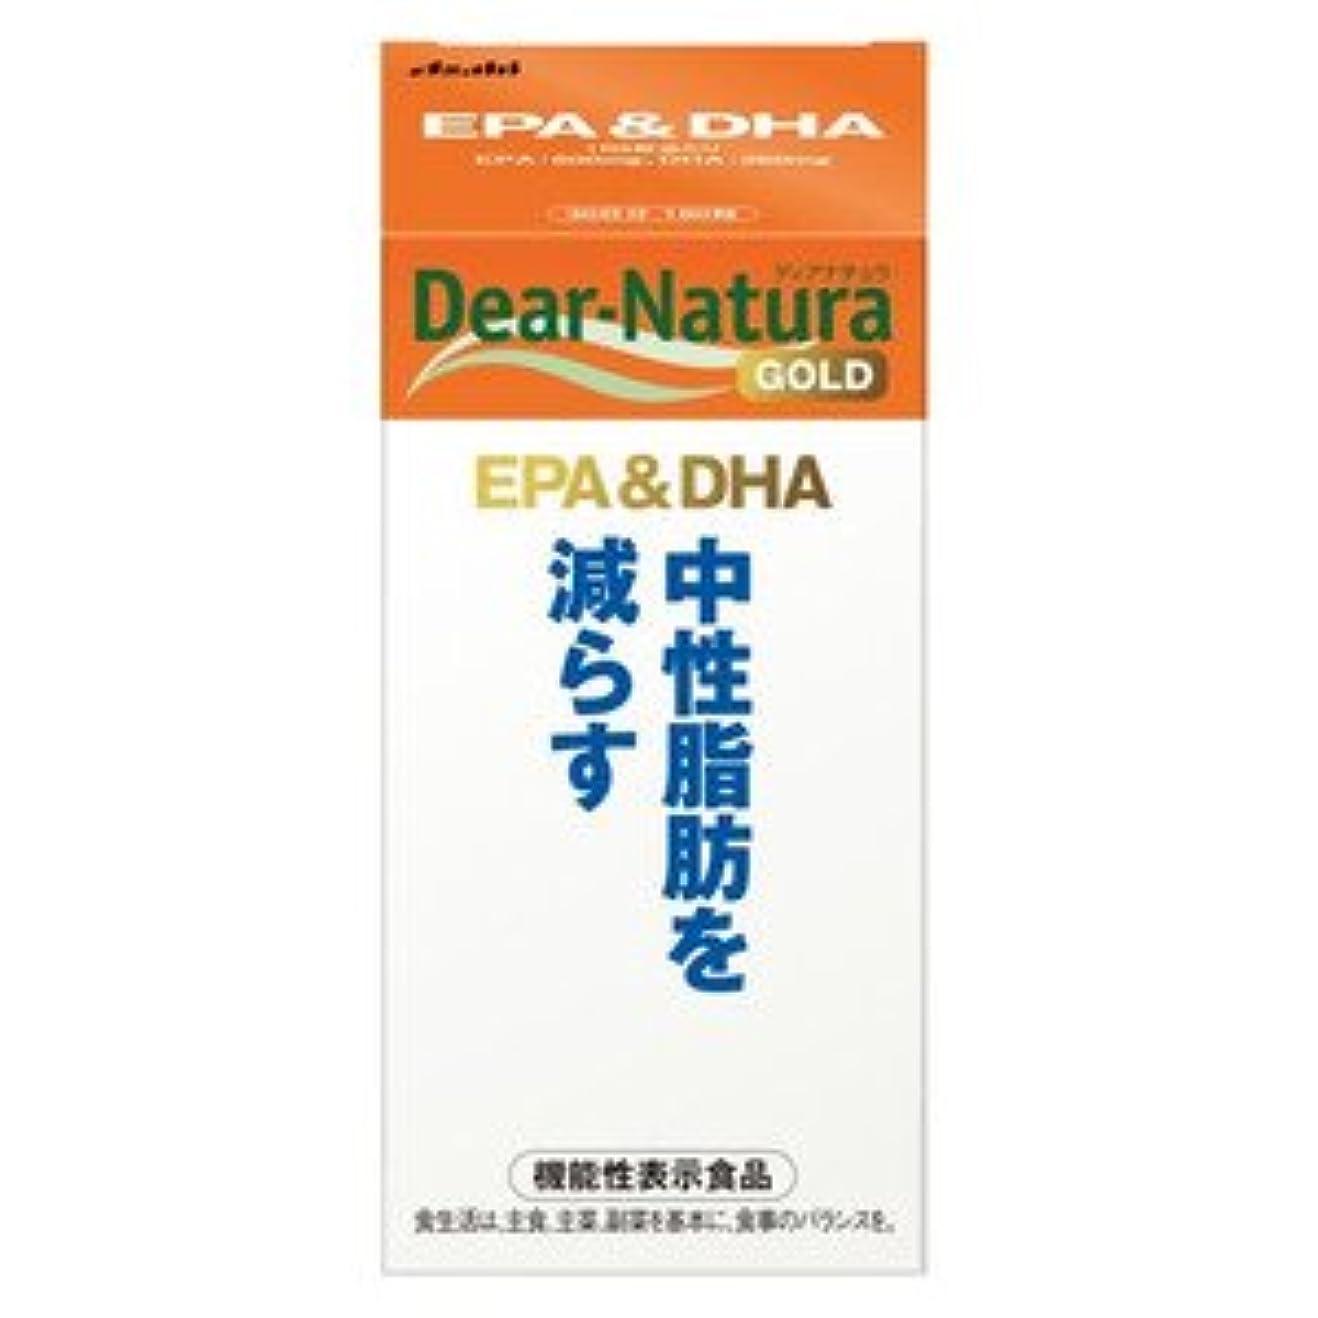 手首鳩自発(アサヒフード&ヘルスケア)ディアナチュラゴールド EPA&DHA 30日分 180粒(お買い得3個セット)